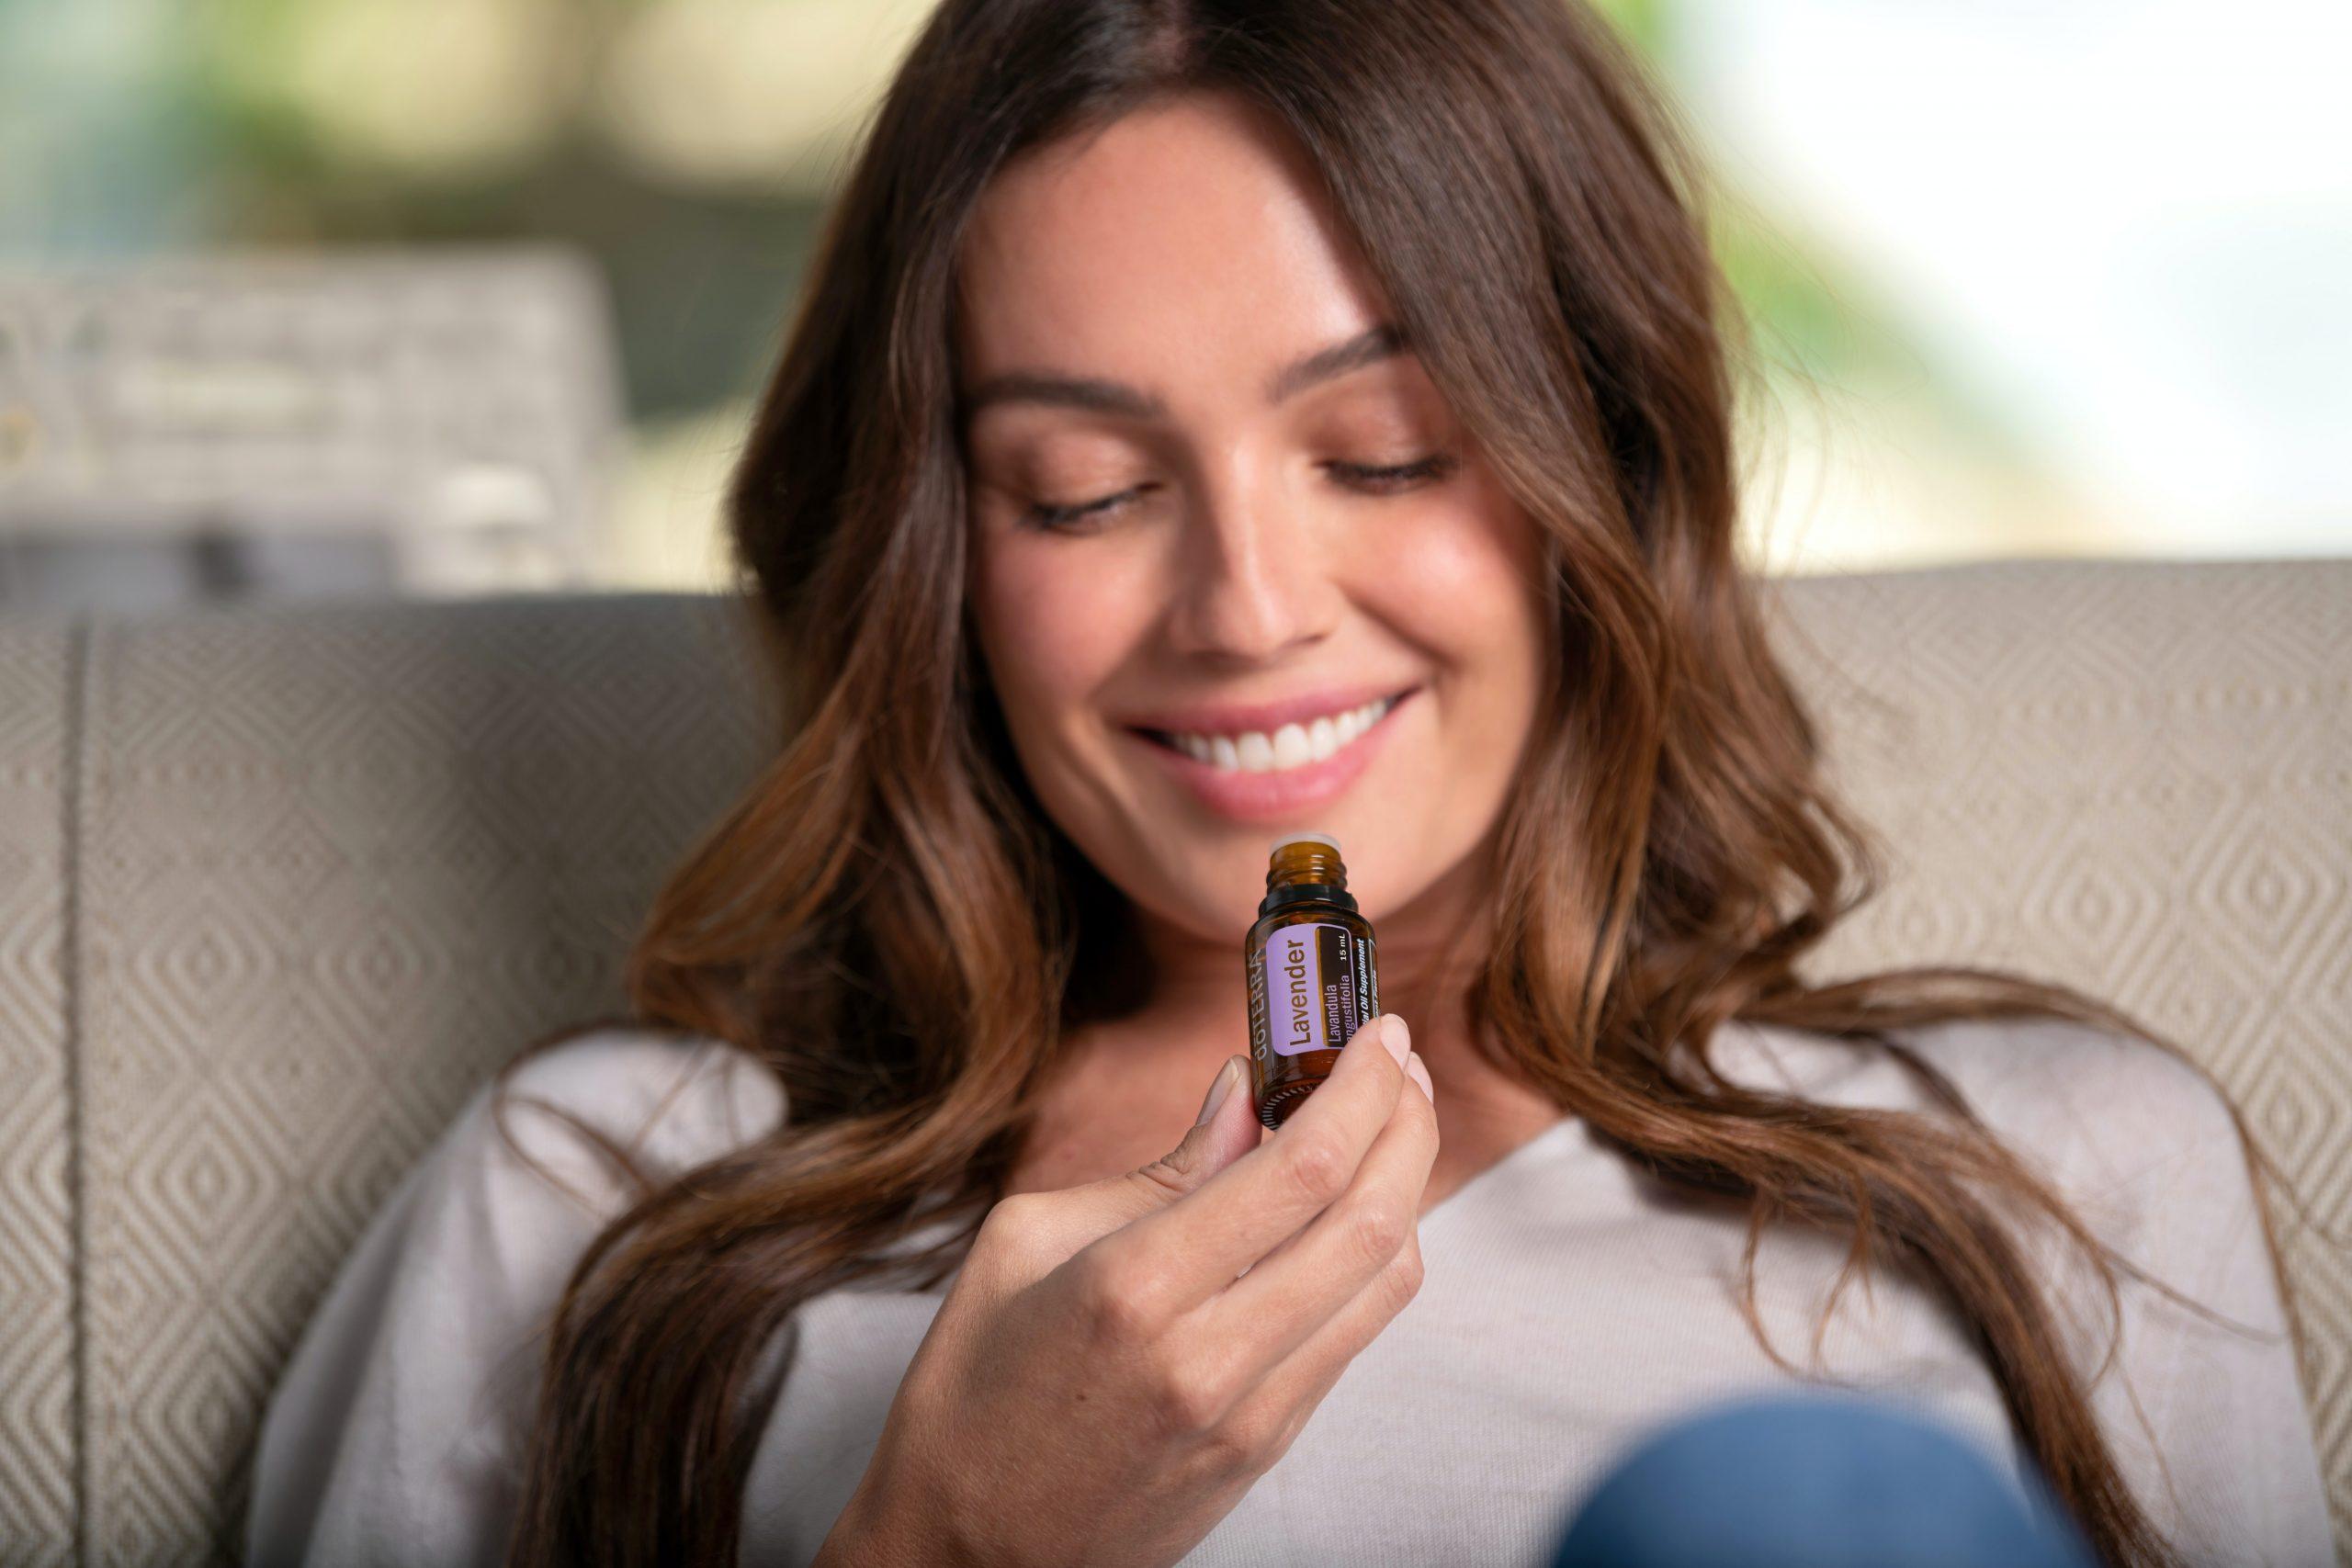 Ventes huiles essentielles Lens - Aromathérapie